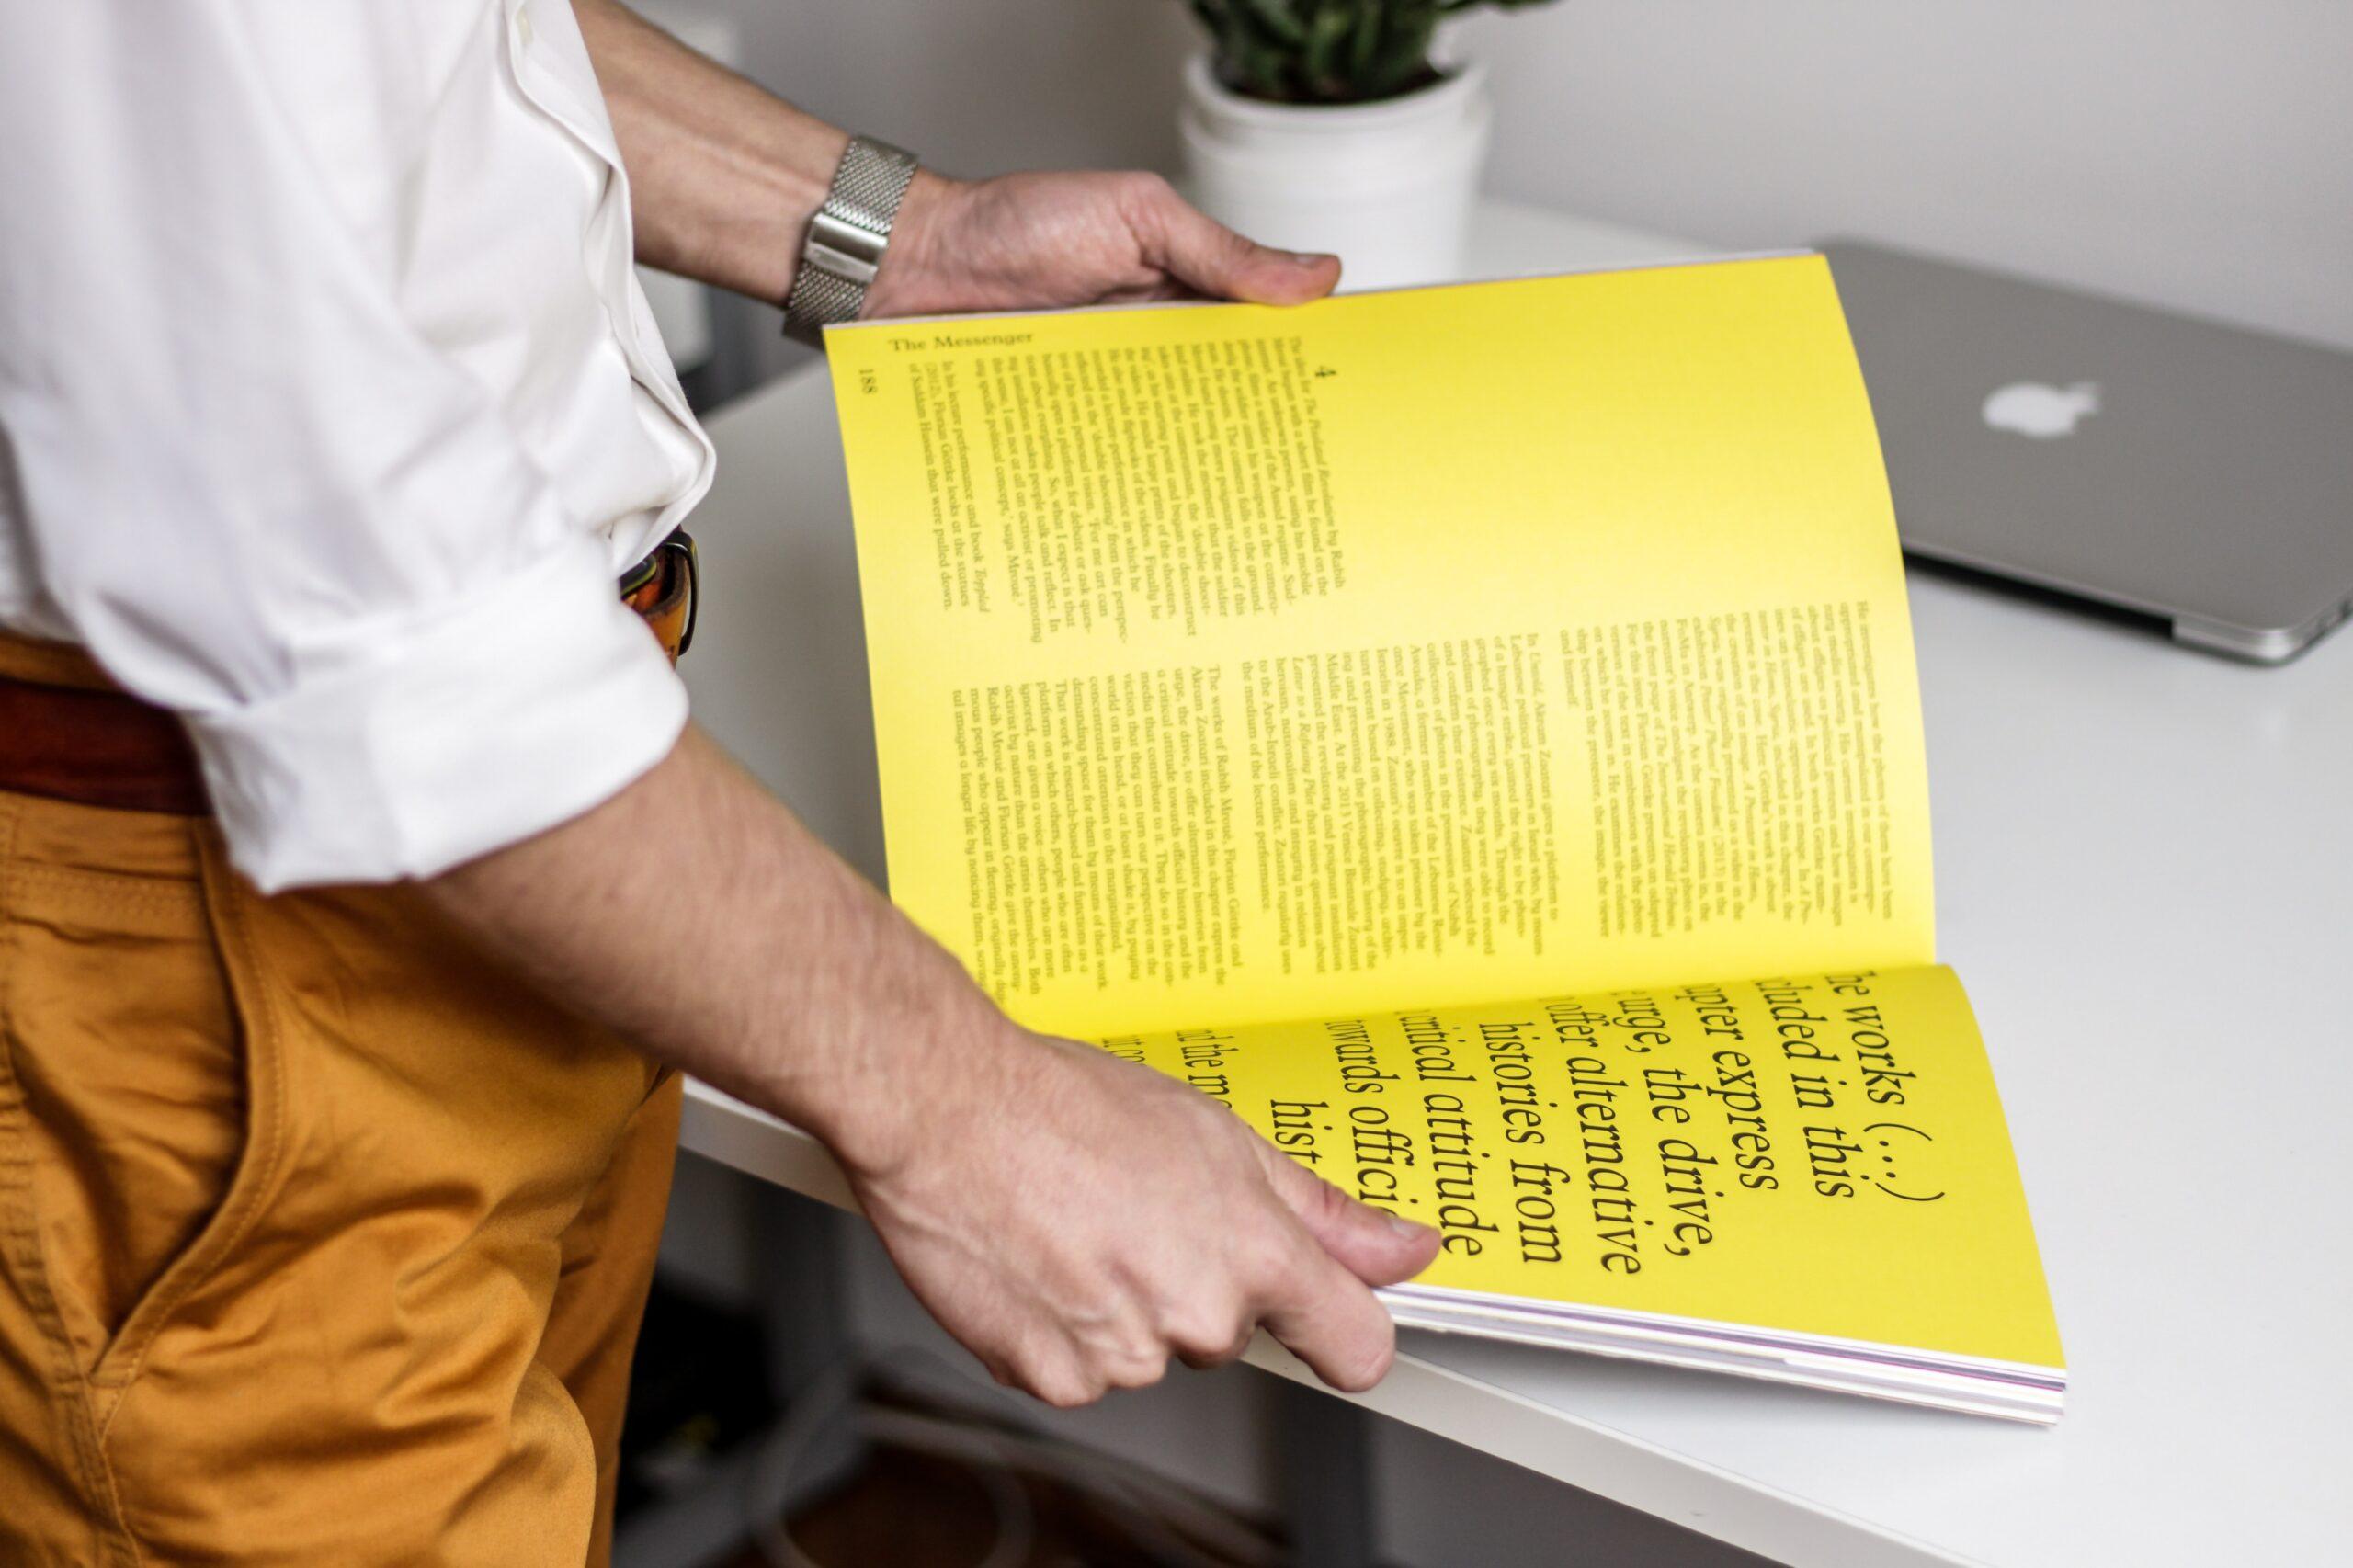 Mediahaus Verlag